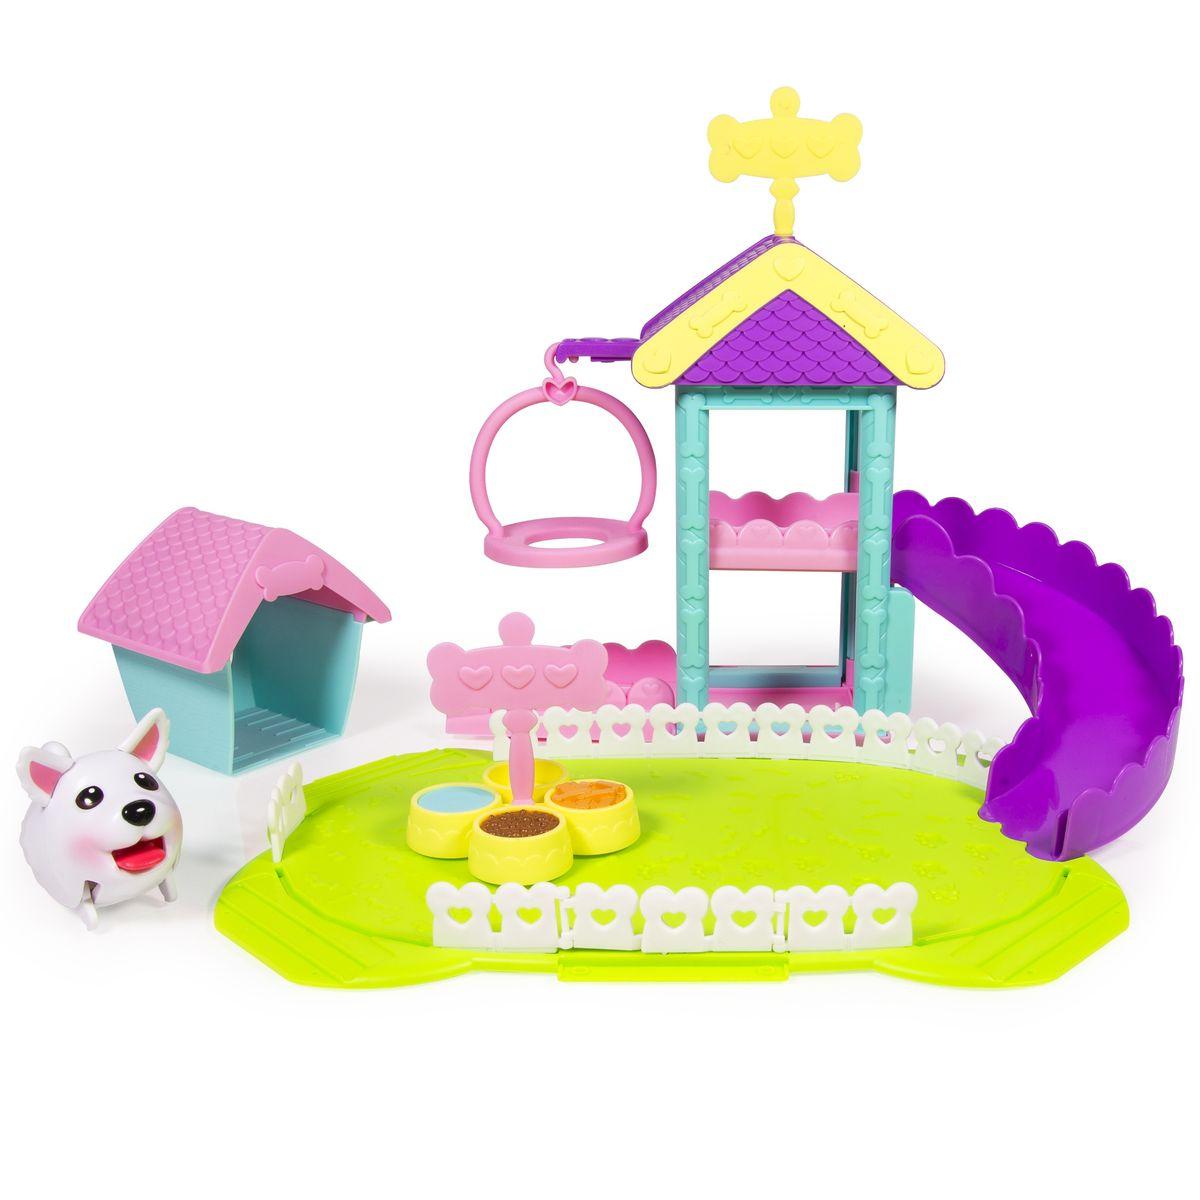 Chubby Puppies Игровой набор Парк развлечений56702Игровой набор Chubby Puppies Парк развлечений предназначен для увлекательной сюжетно-ролевой игры для детей от четырех лет. В комплект входят фигурка очаровательного щенка французского бульдога, игровая площадка с качелькой и горкой, будка, миска с едой и питьем. В таком парке развлечений можно играть с фигуркой щенка с доброжелательной мордашкой, которая наверняка понравятся вашему ребенку. Он умеет забавно передвигаться, шагая вразвалку, благодаря чему игра с ними становится еще более интересной и увлекательной. Набор выполнен из качественного пластика и совершенно безопасен для здоровья вашего ребенка.